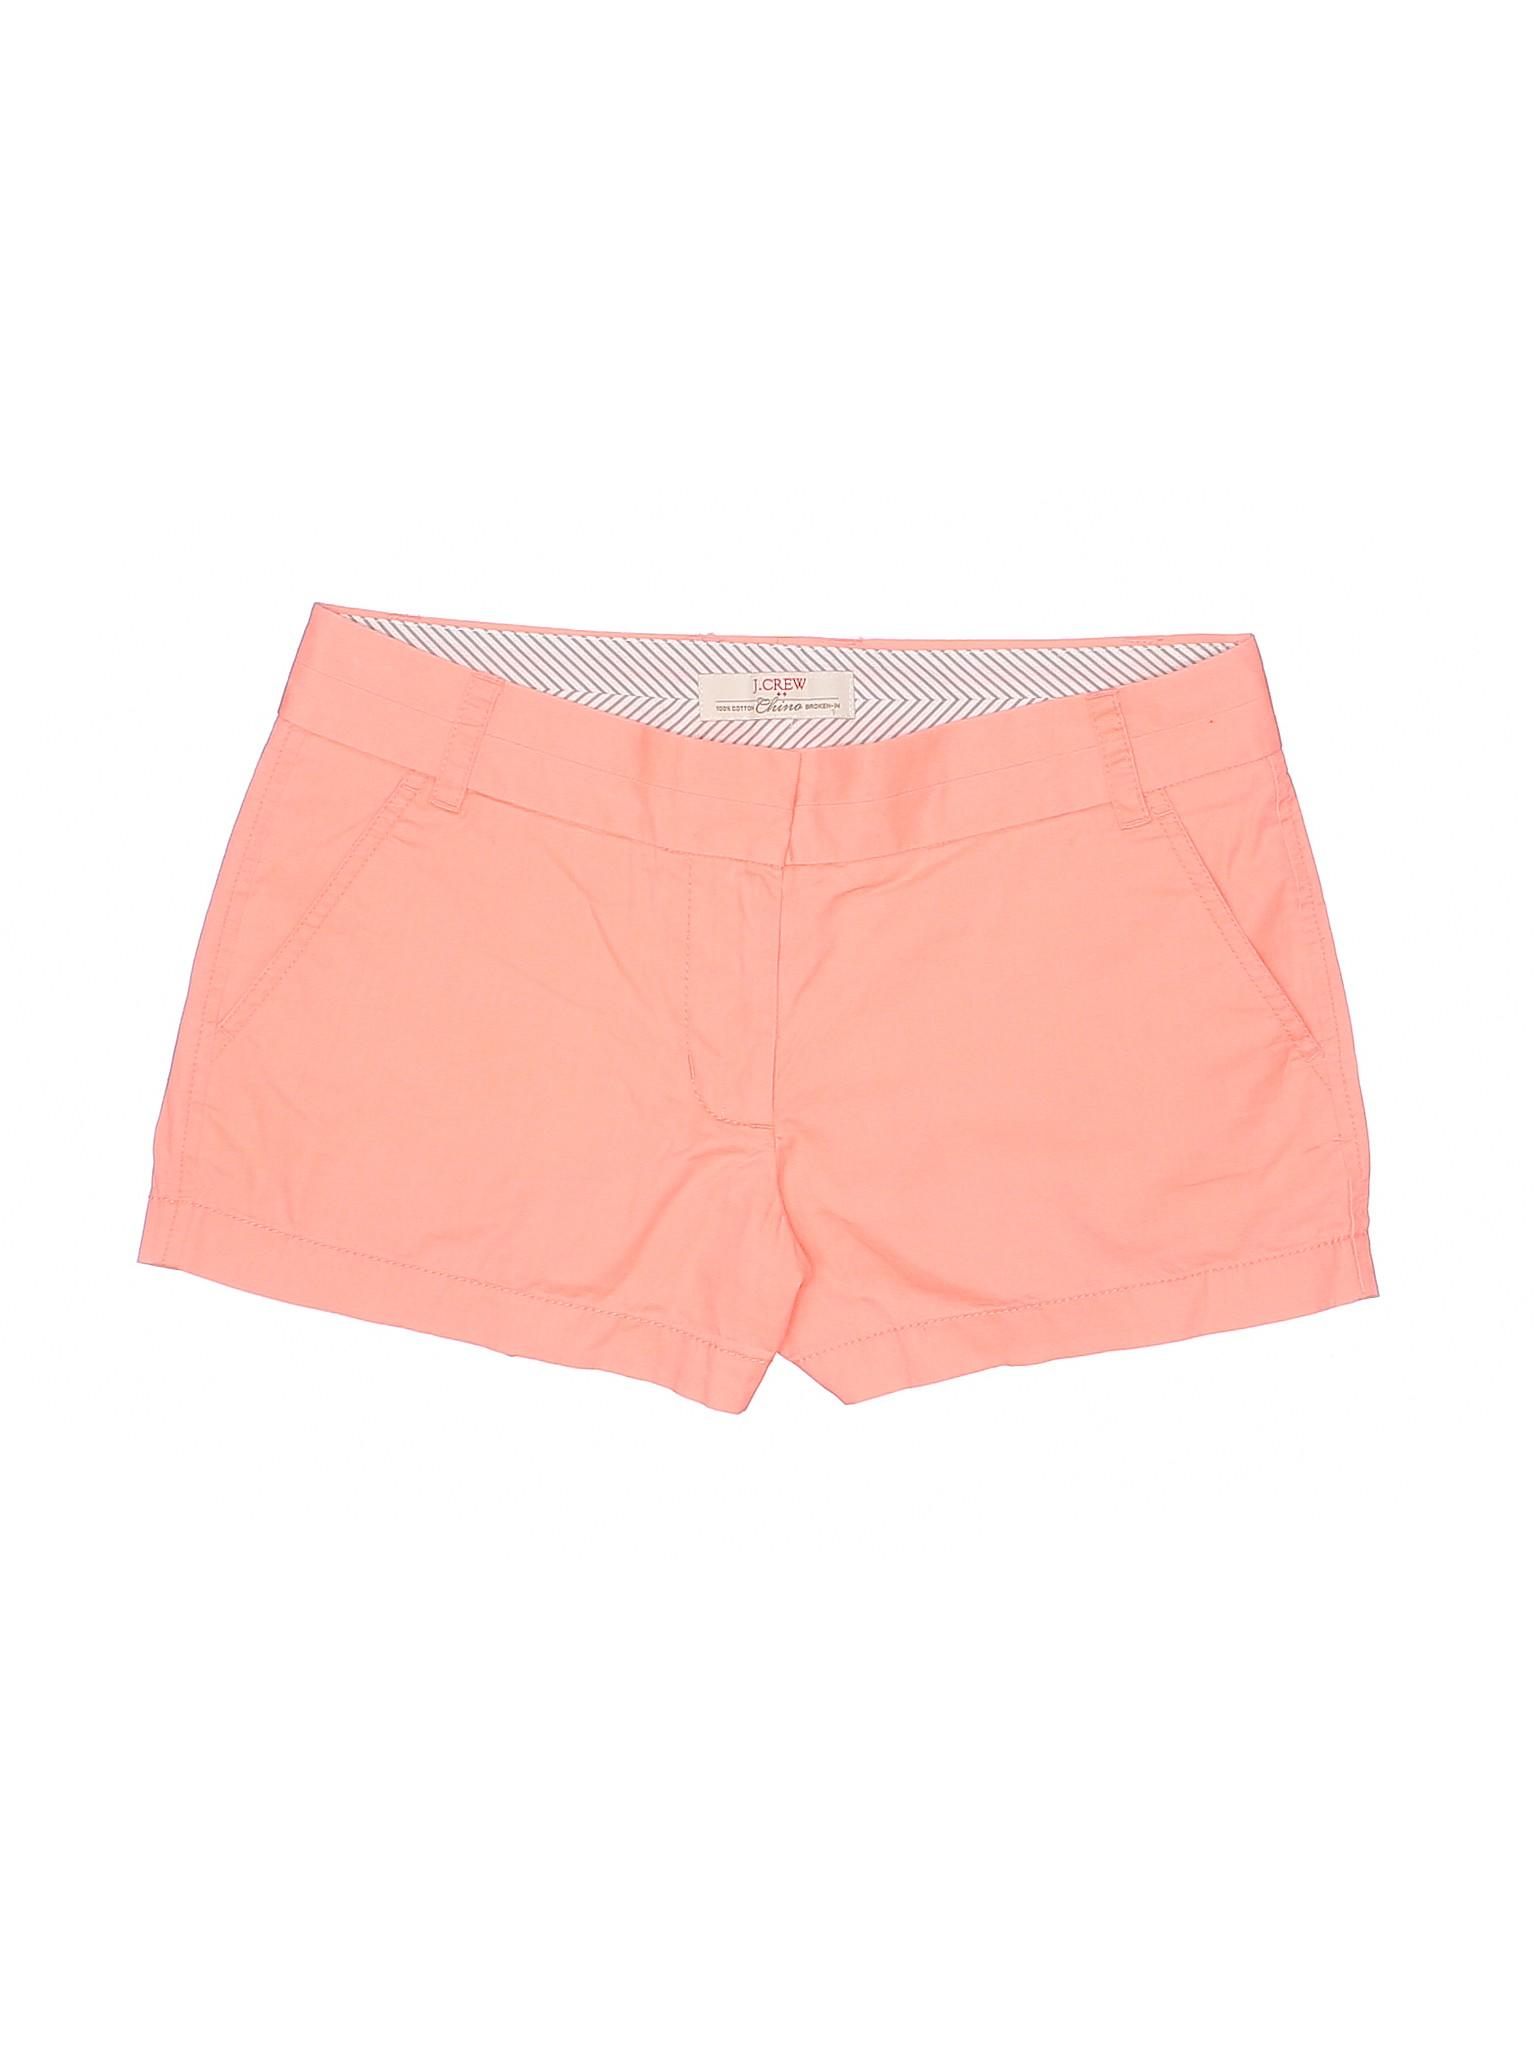 Khaki Crew J Boutique Boutique Shorts J TqfRxp8